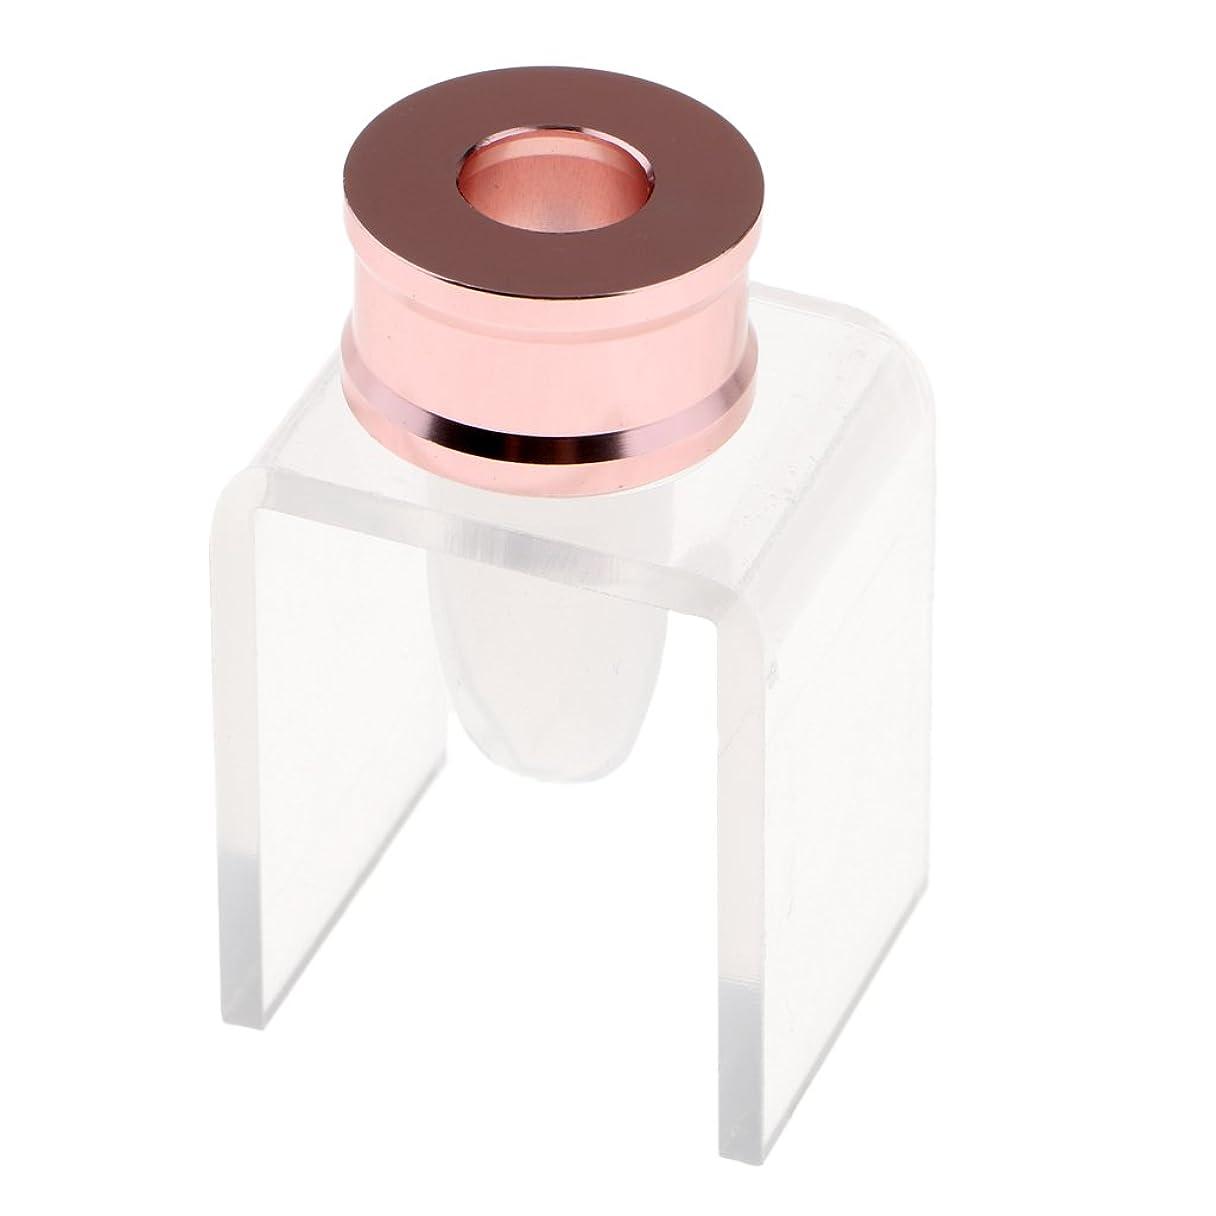 無臭設置石Kesoto リップスティック DIYセット 口紅リング 金型ホルダー リップバーム DIY 金型 ツールキット 12.1mmチューブ 7タイプ選べる - #5